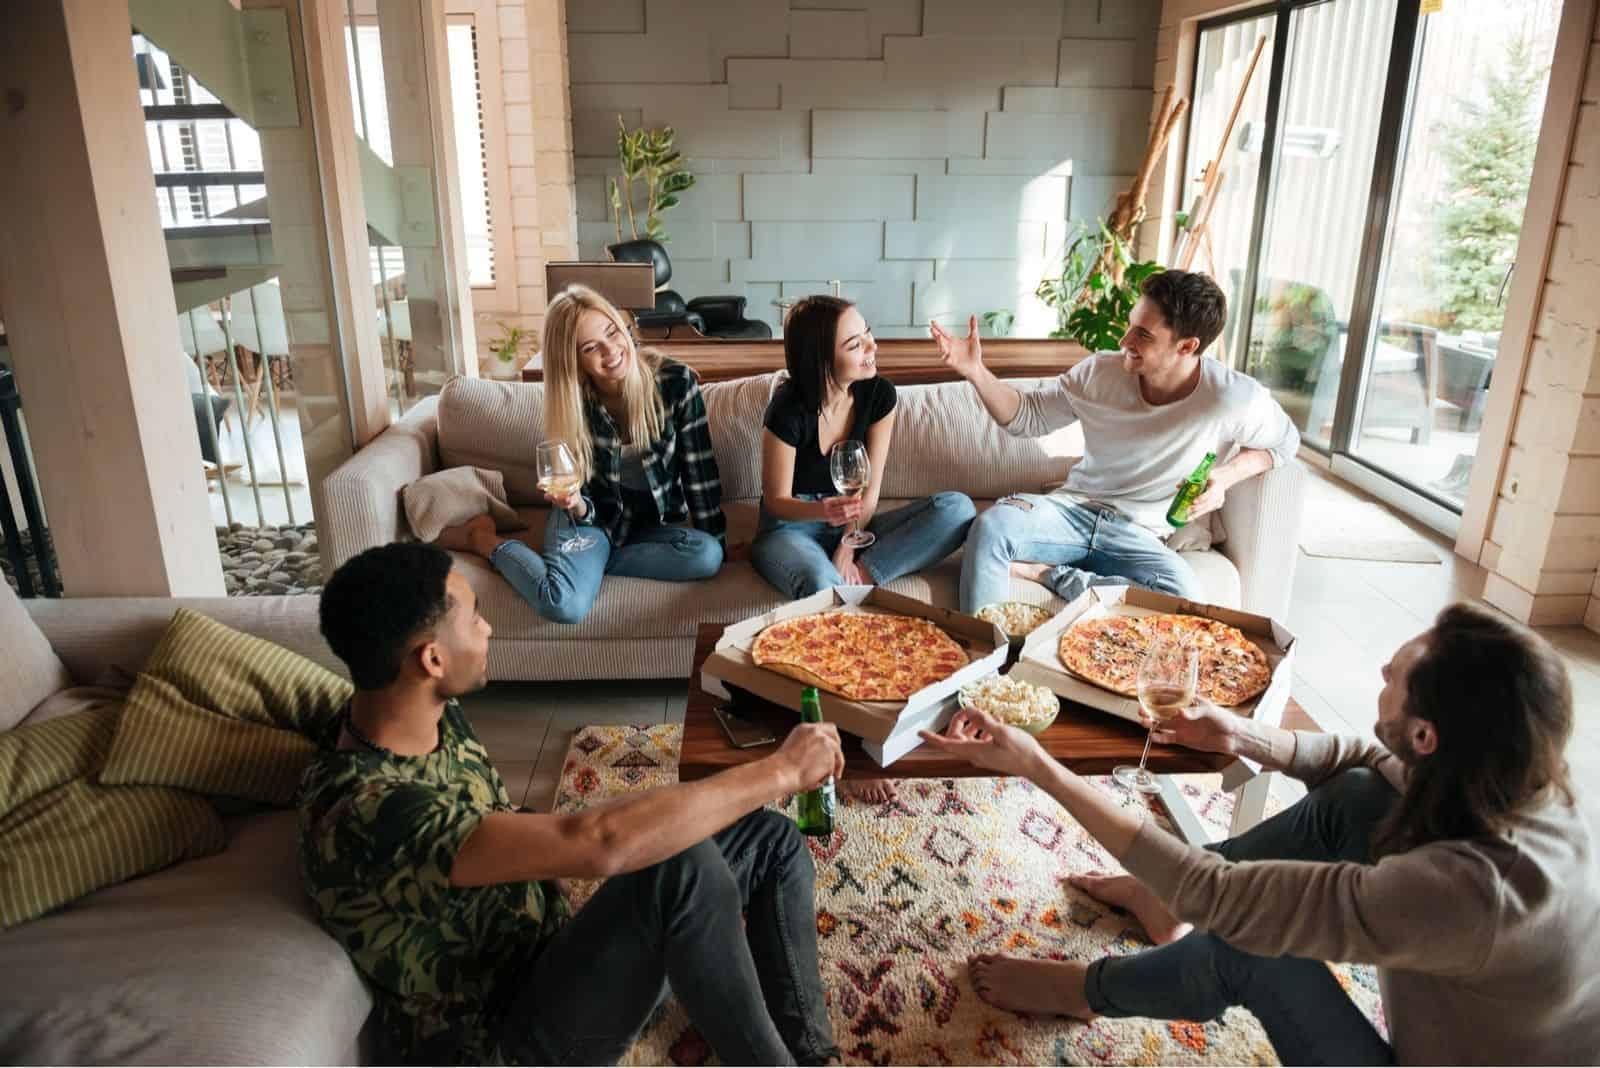 Gruppe junger fröhlicher Freunde eine gute Zeit beim Pizza- und Bieressen im Wohnzimmer haben